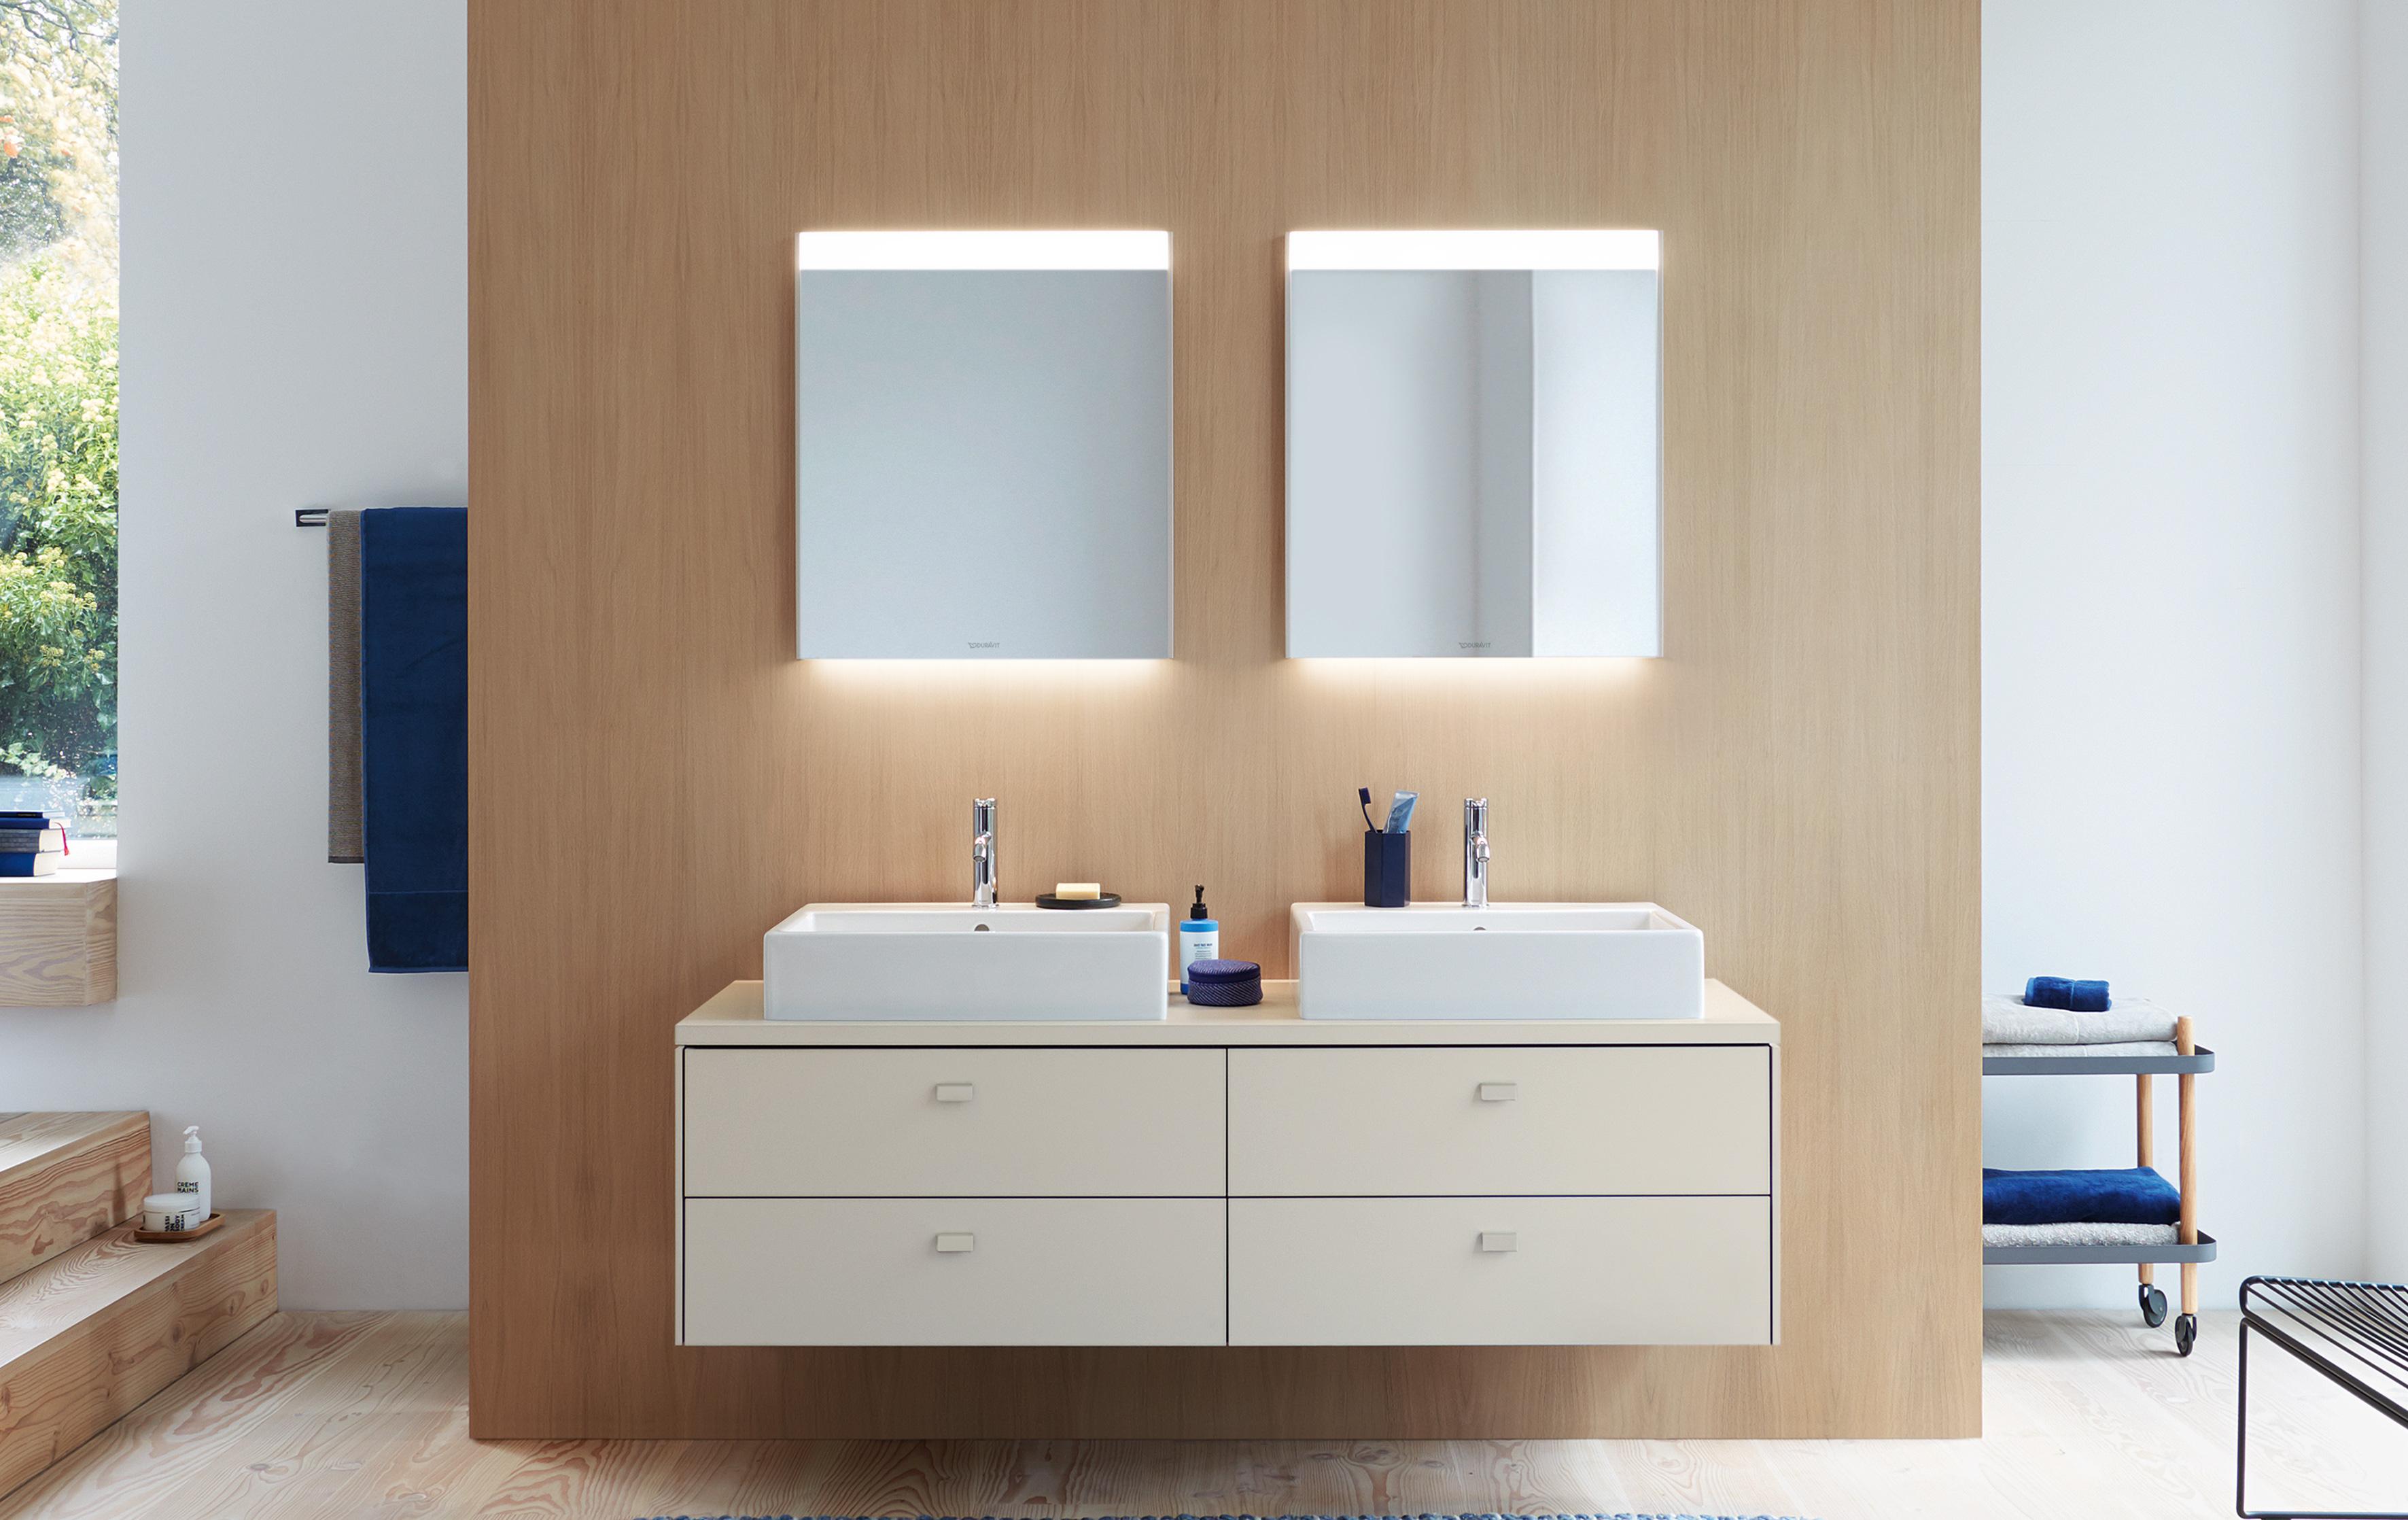 Kastje Badkamer Afbeeldingen : Design badkamermeubels en sanitair voor thuis duravit